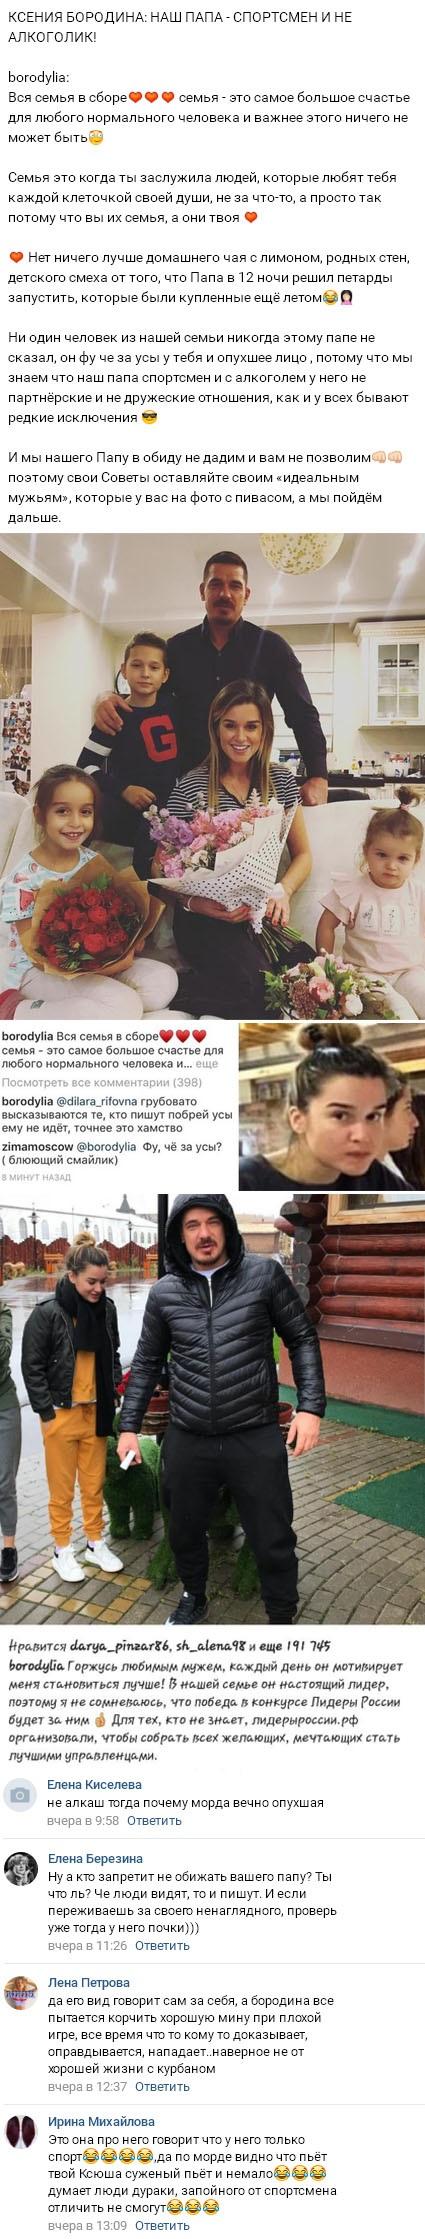 Ксении Бородиной пришлось оправдываться за внешний вид Курбана Омарова